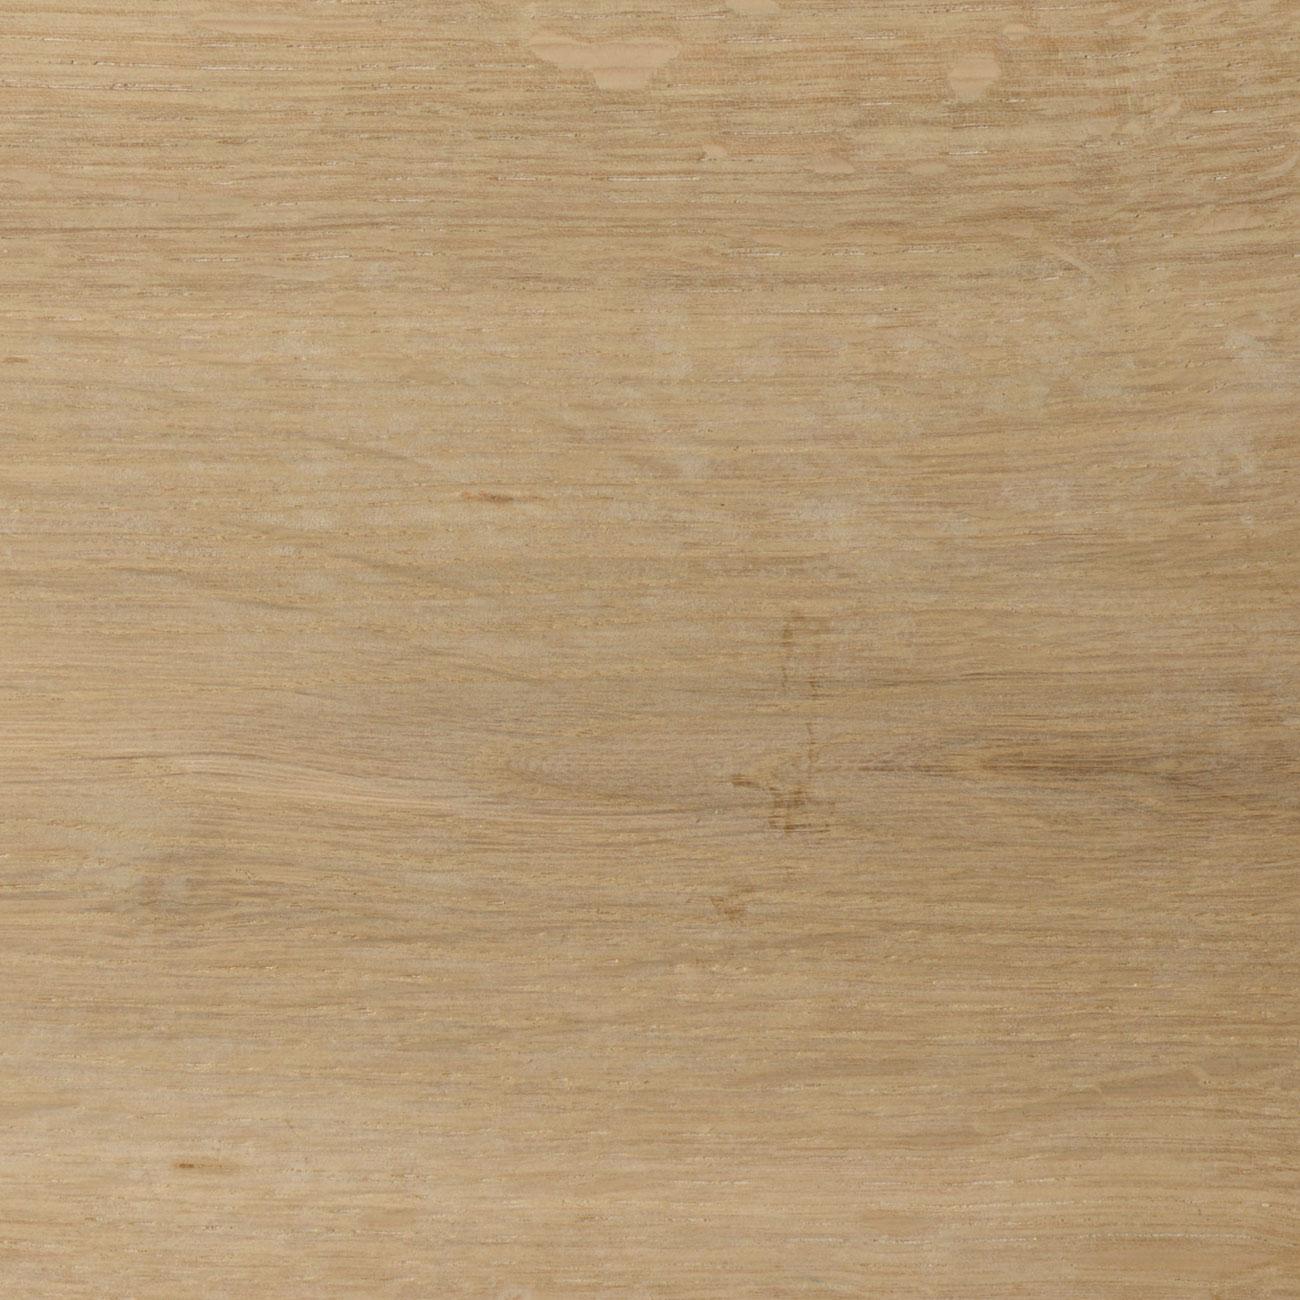 40.Eiche geschliffen, mit Faxe Holzbodenseife natur geseift